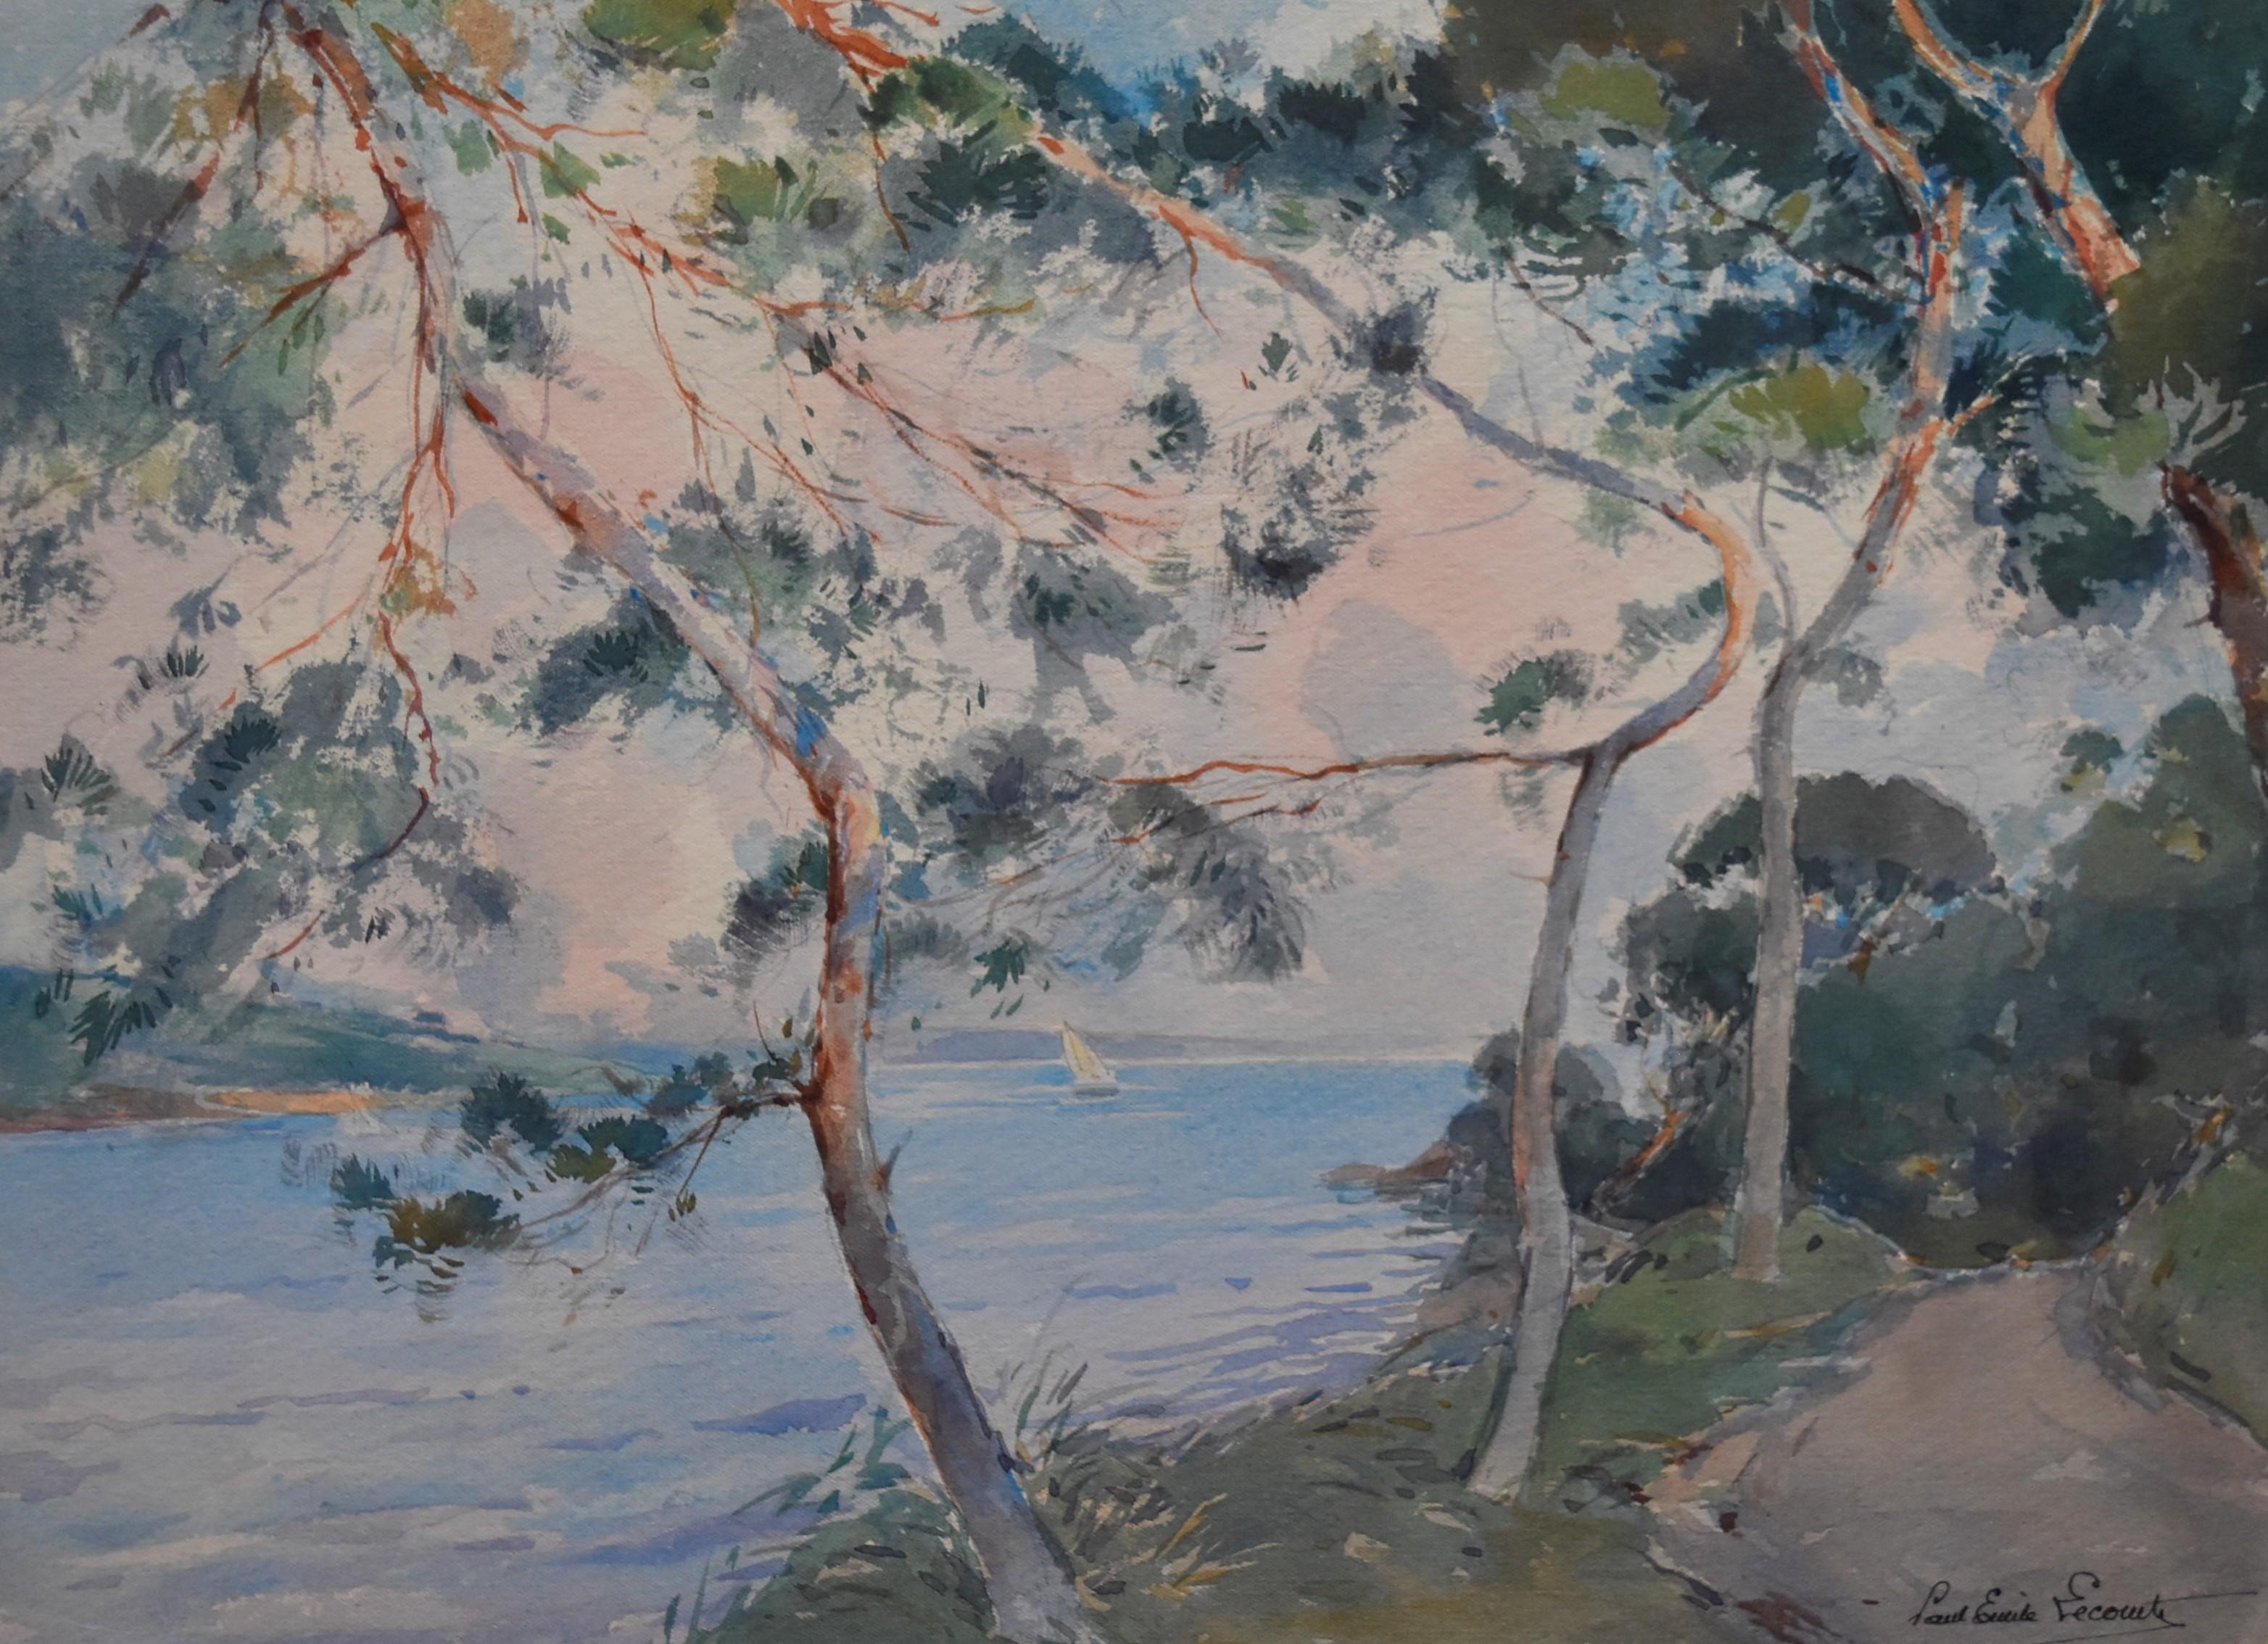 Paul Emile Lecomte (1877-1950)  La Rance, seaside with pines, watercolor